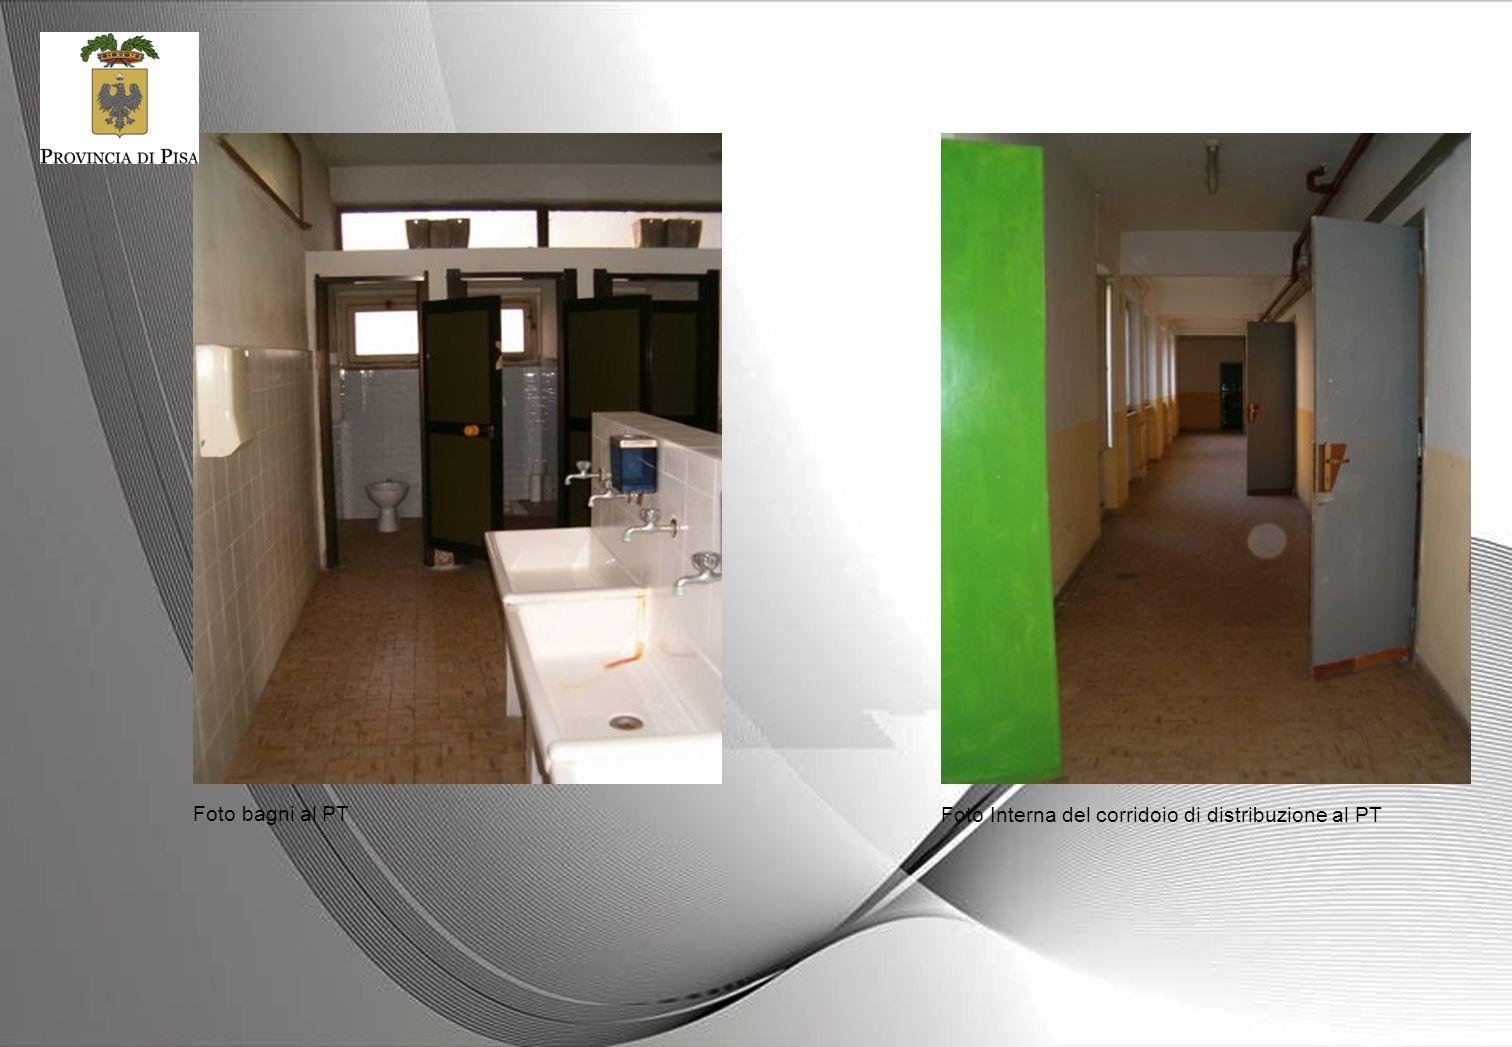 Foto bagni al PT Foto Interna del corridoio di distribuzione al PT